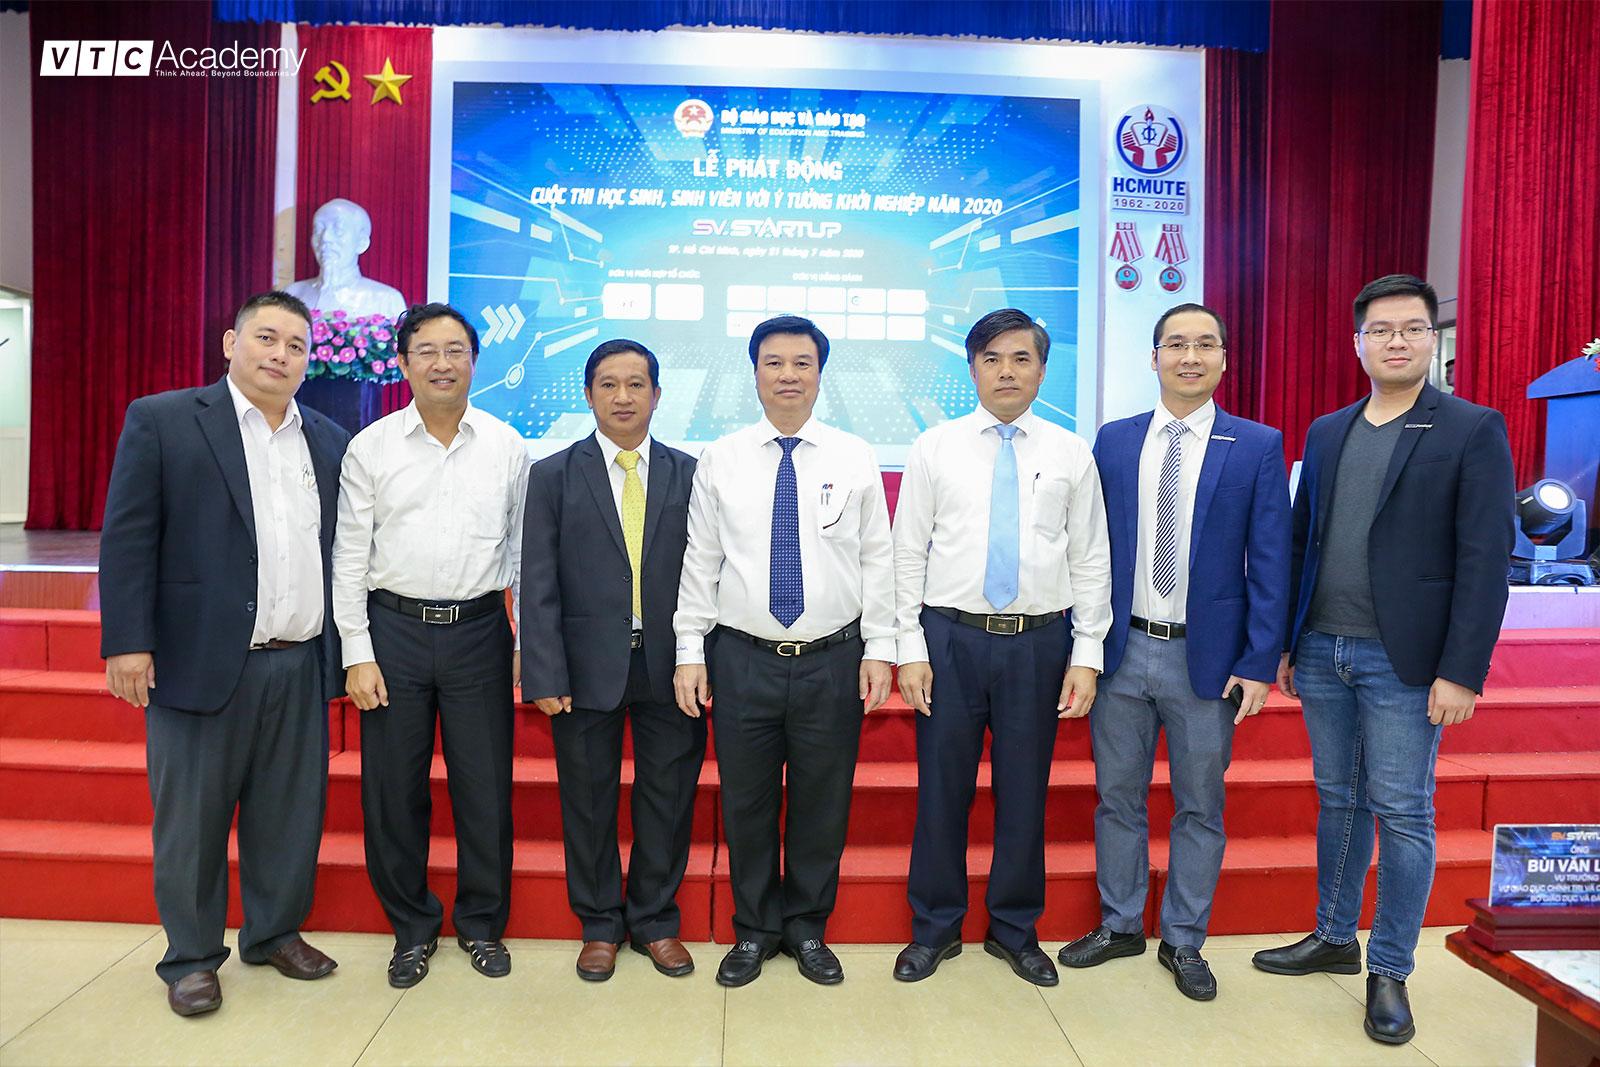 VTC Academy đầu tư máy chủ AI 100.000 USD hỗ trợ khởi nghiệp